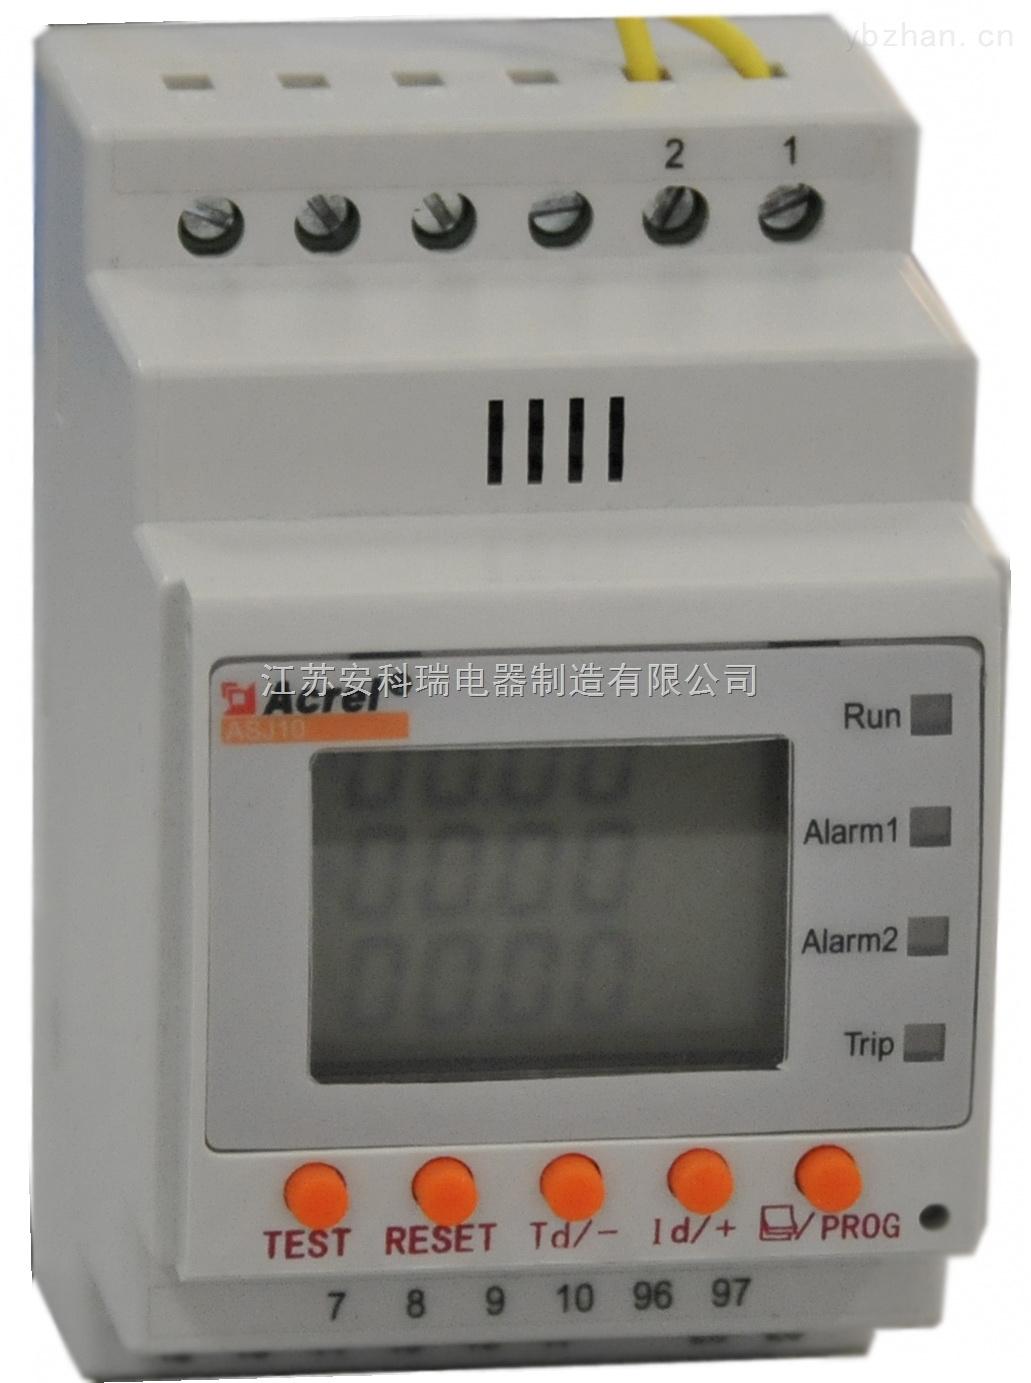 三相数显电压继电器-智能三相电压继电器ASJ10-AV3